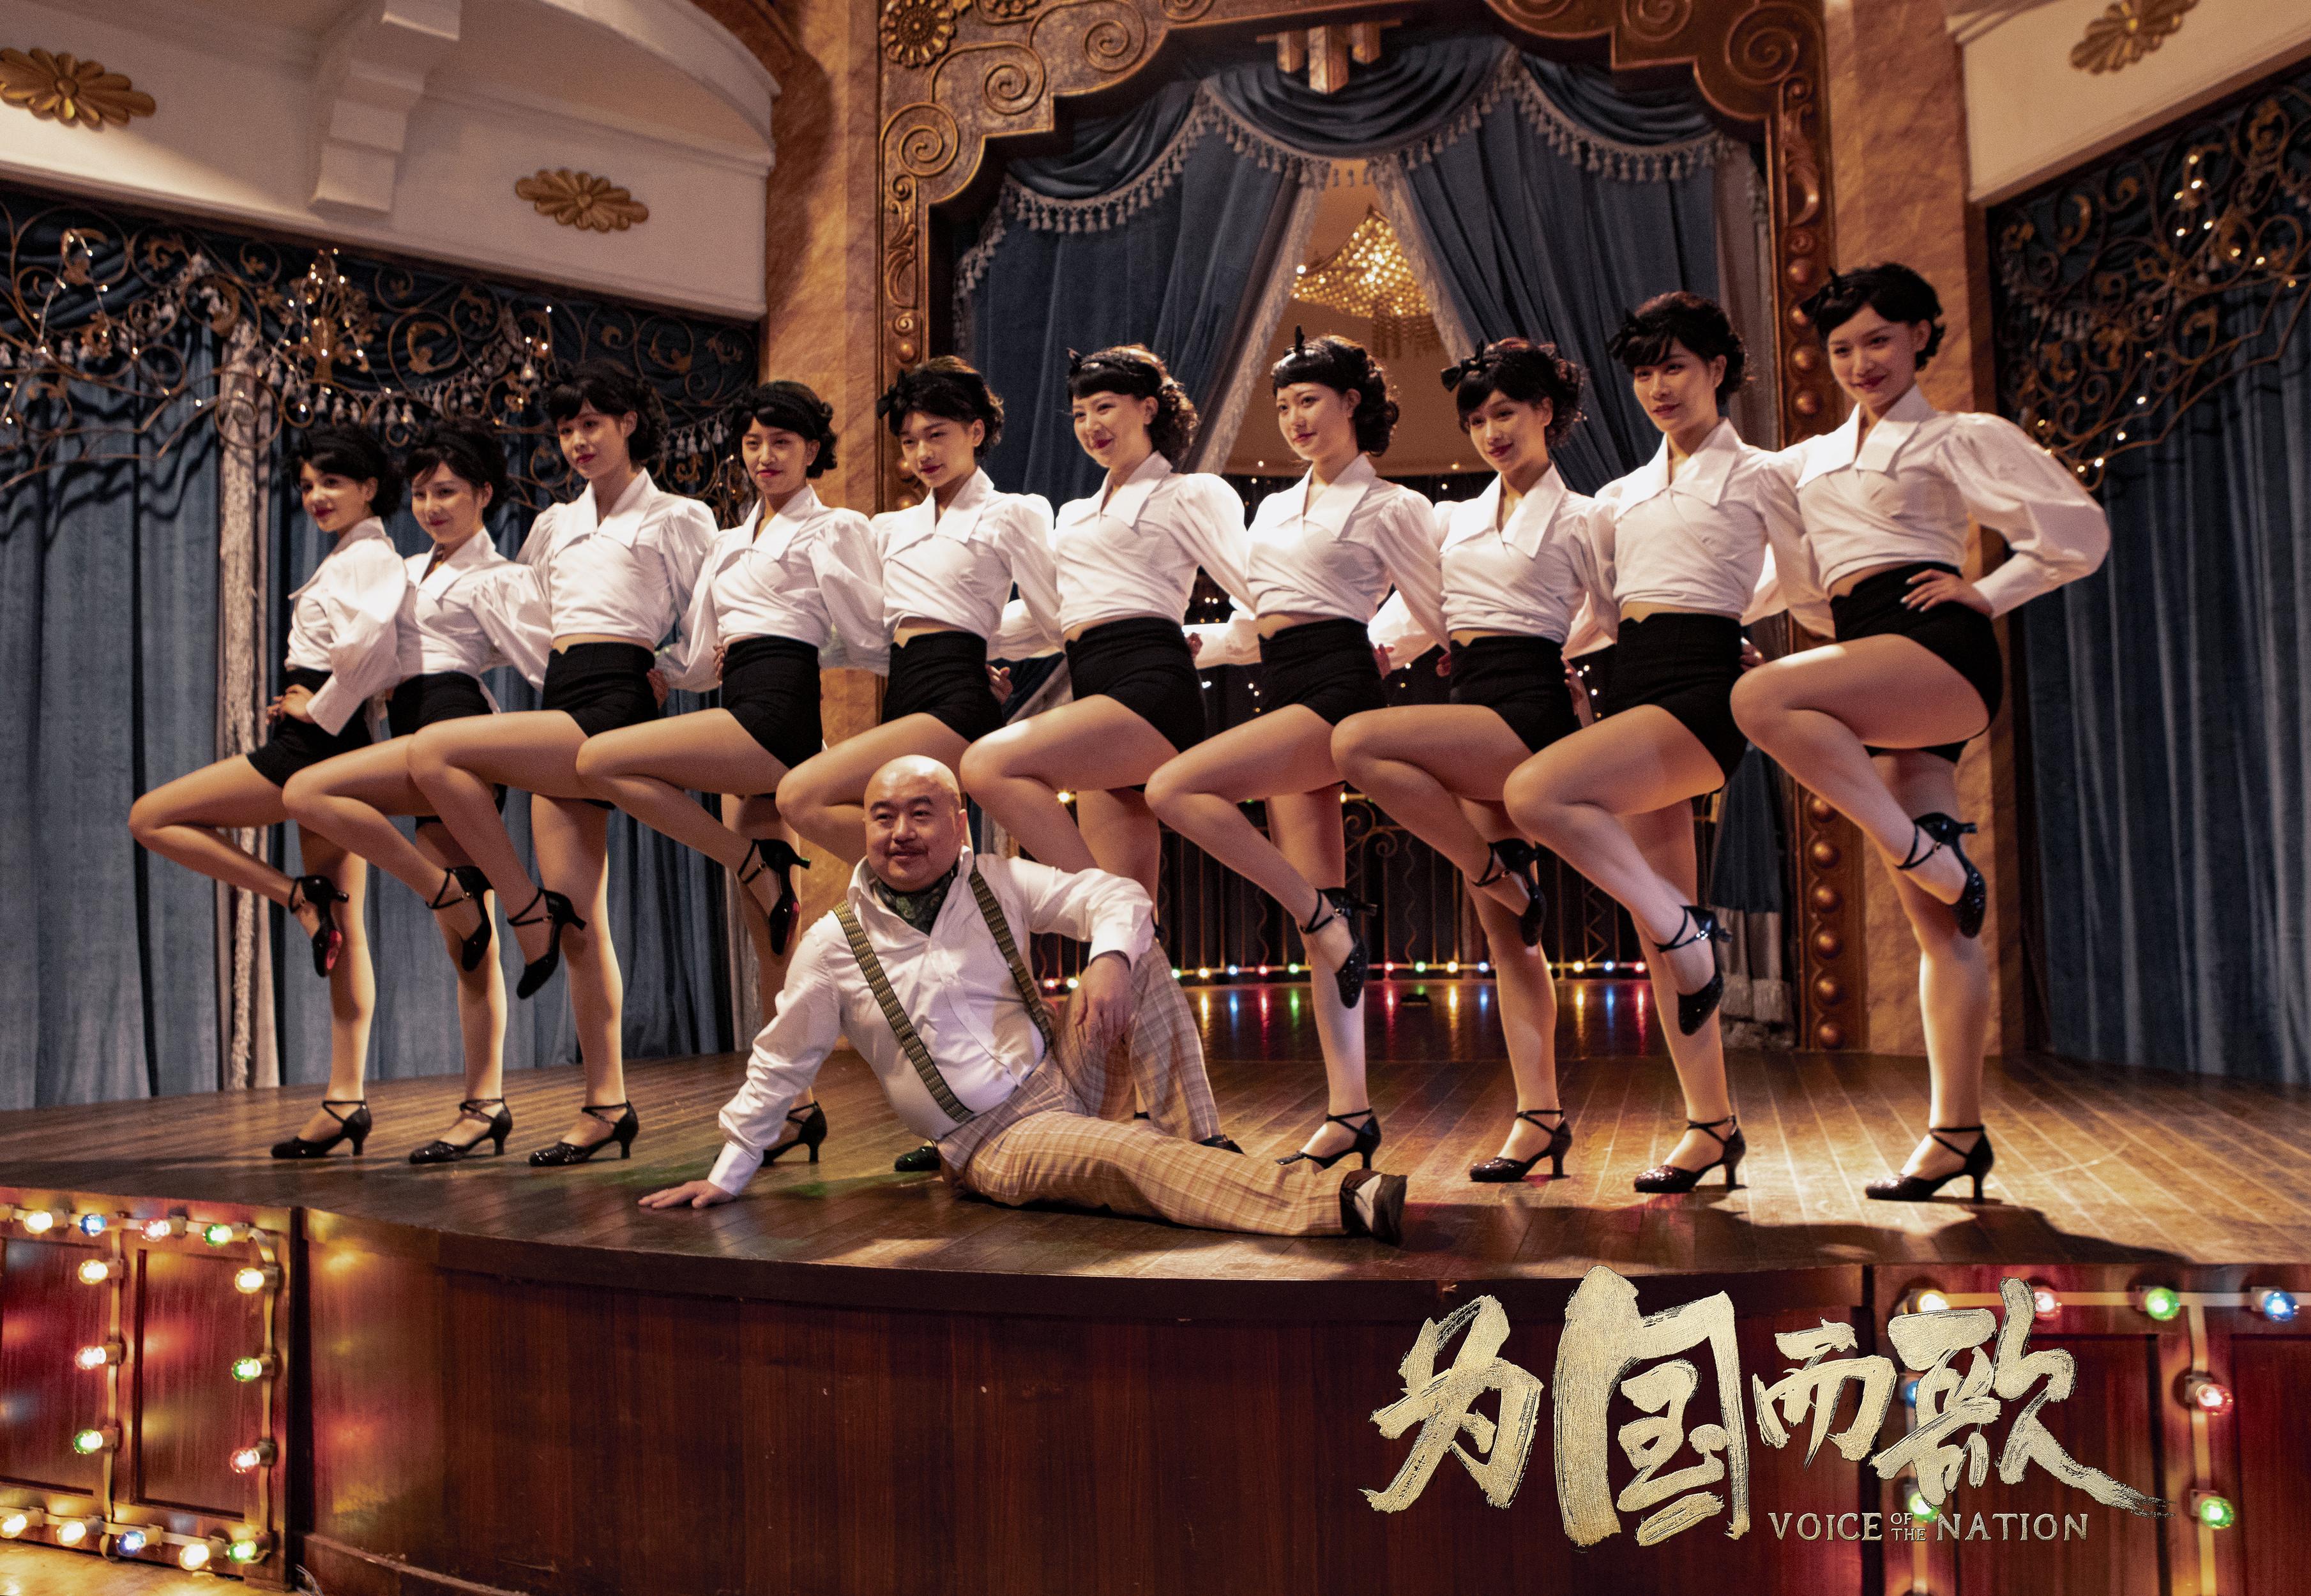 王雷古力娜扎主演《为国而歌》9月26日上映